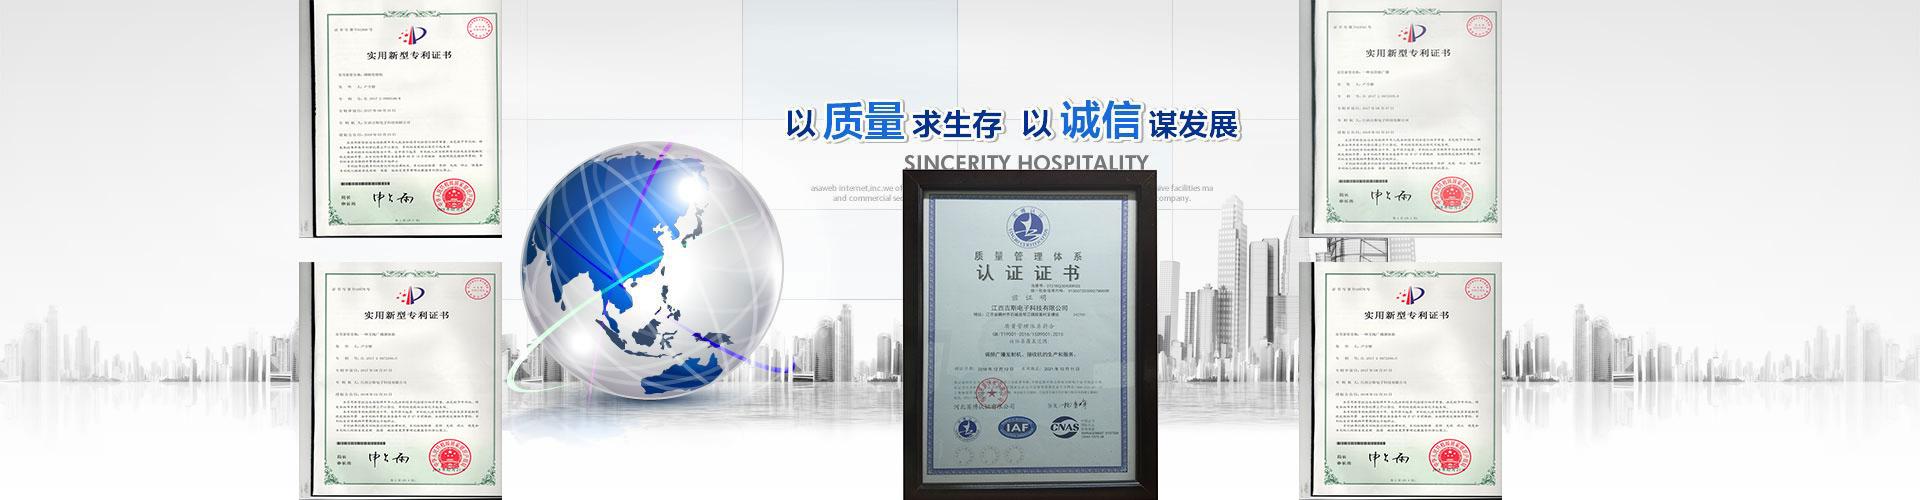 江西吉斯电子科技有限公司